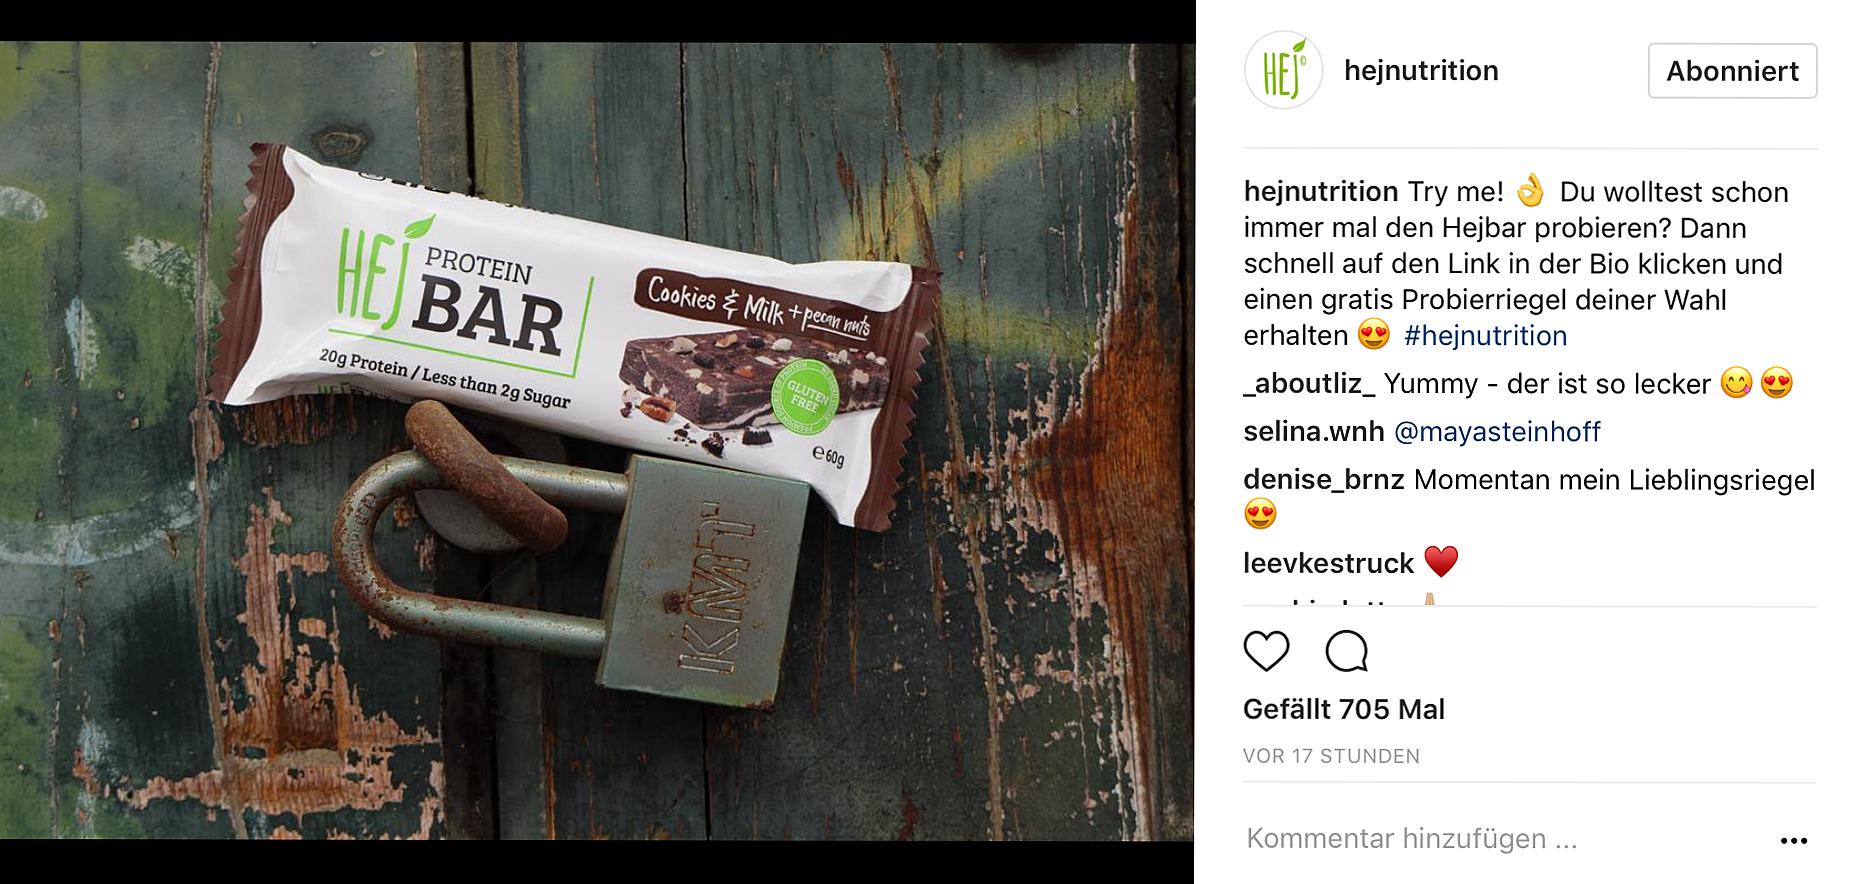 HEJ_Instagram_10.07.2017+Kopie.jpg